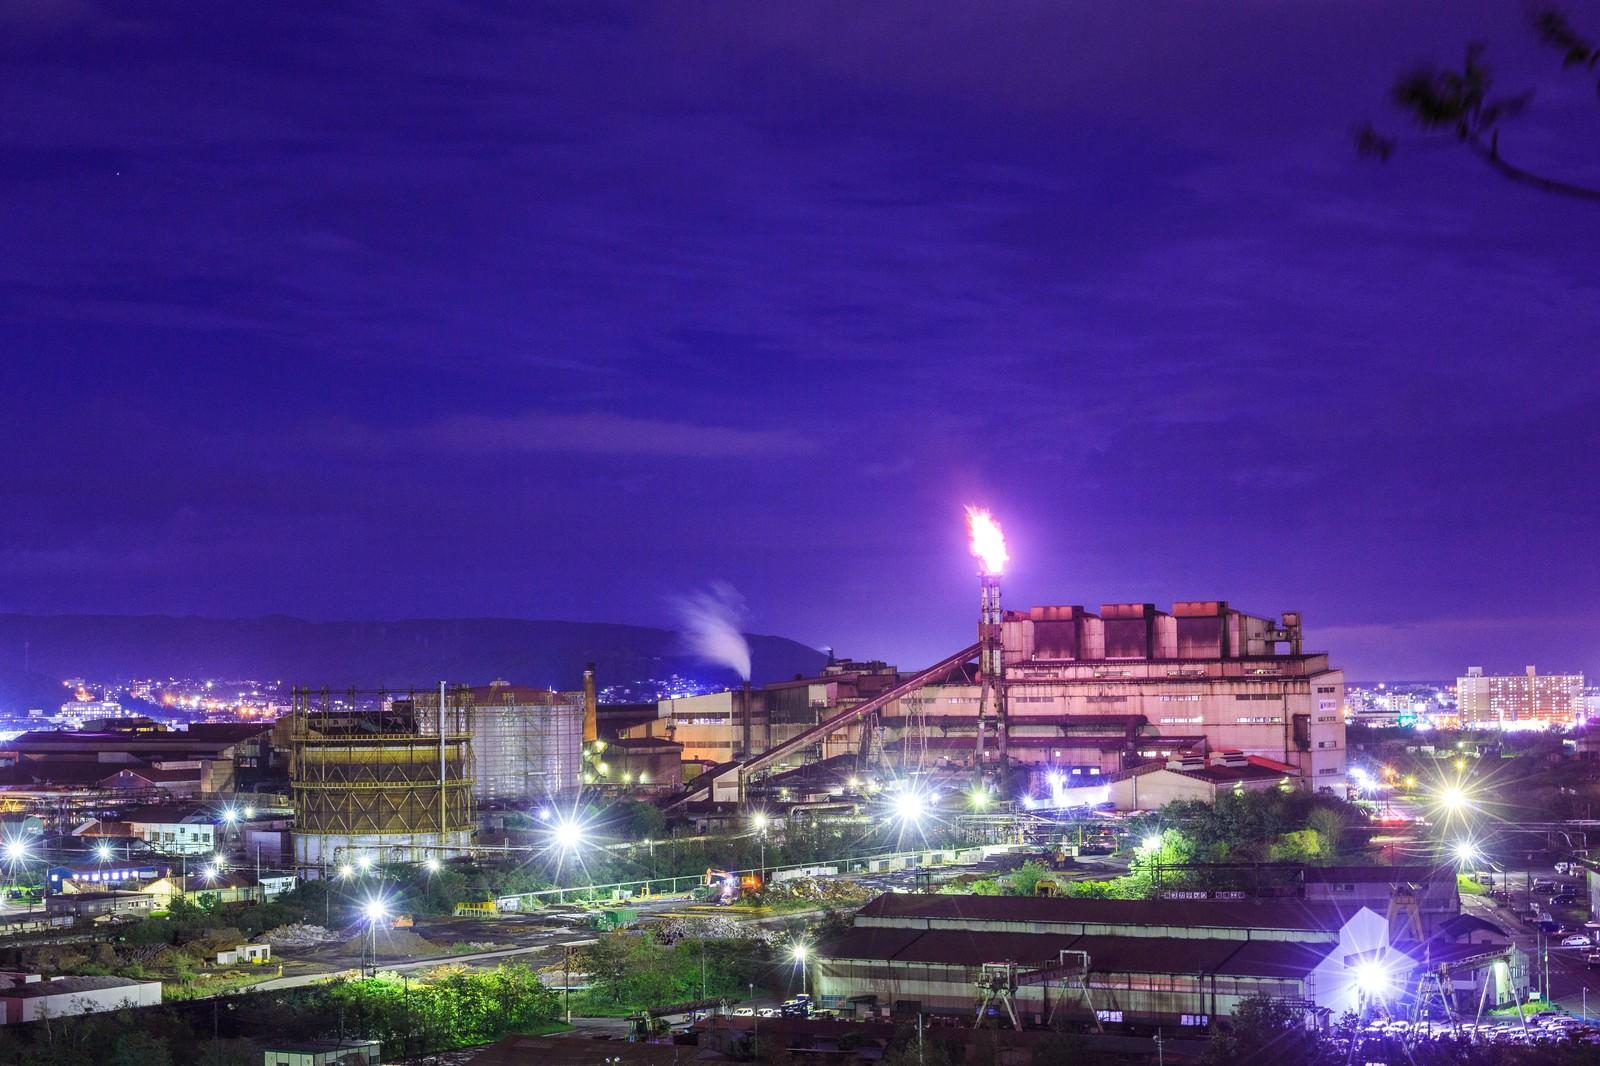 「室蘭の火を拭く工場萌え(夜景)室蘭の火を拭く工場萌え(夜景)」のフリー写真素材を拡大